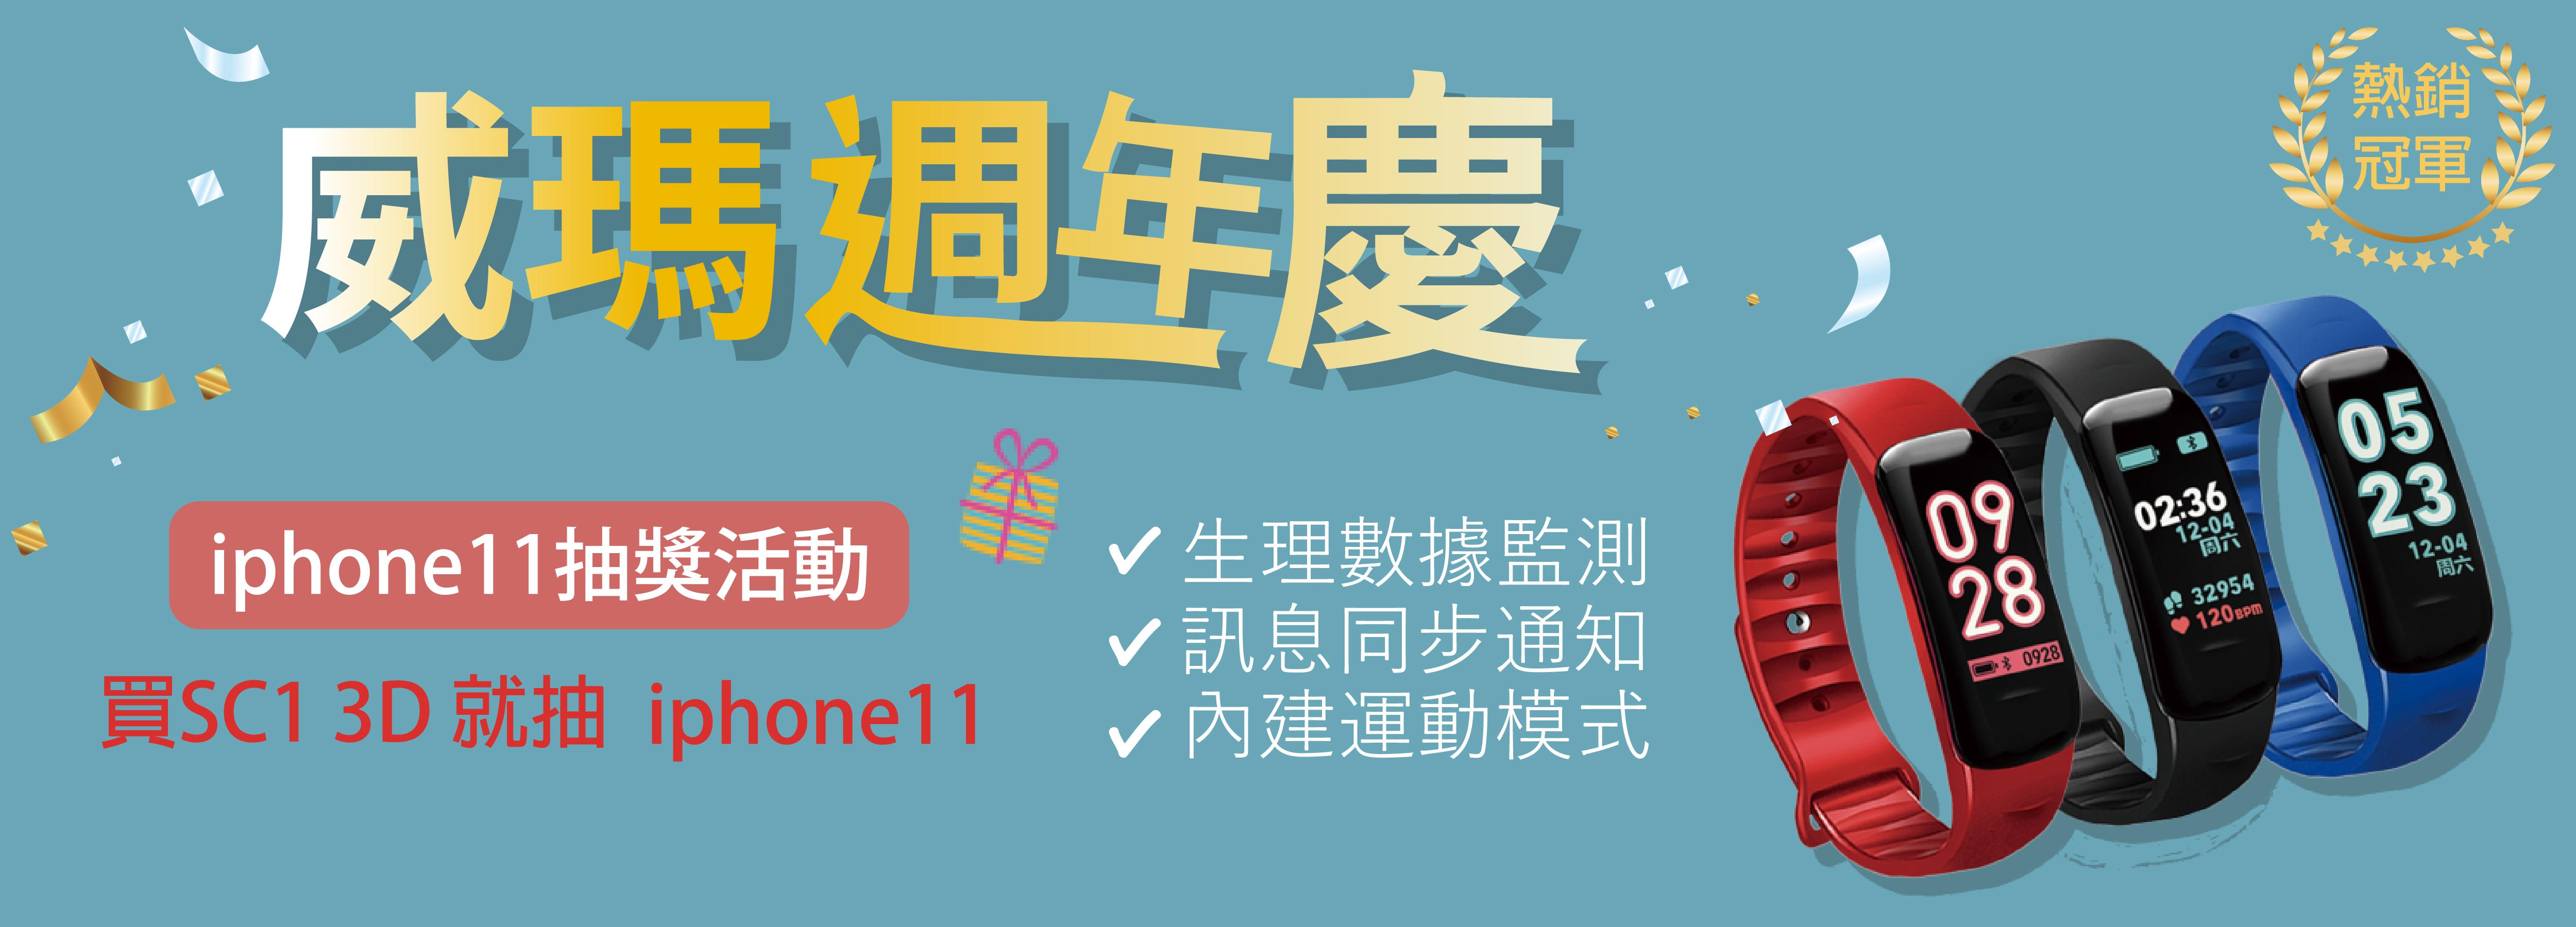 購買SC1抽iphone11